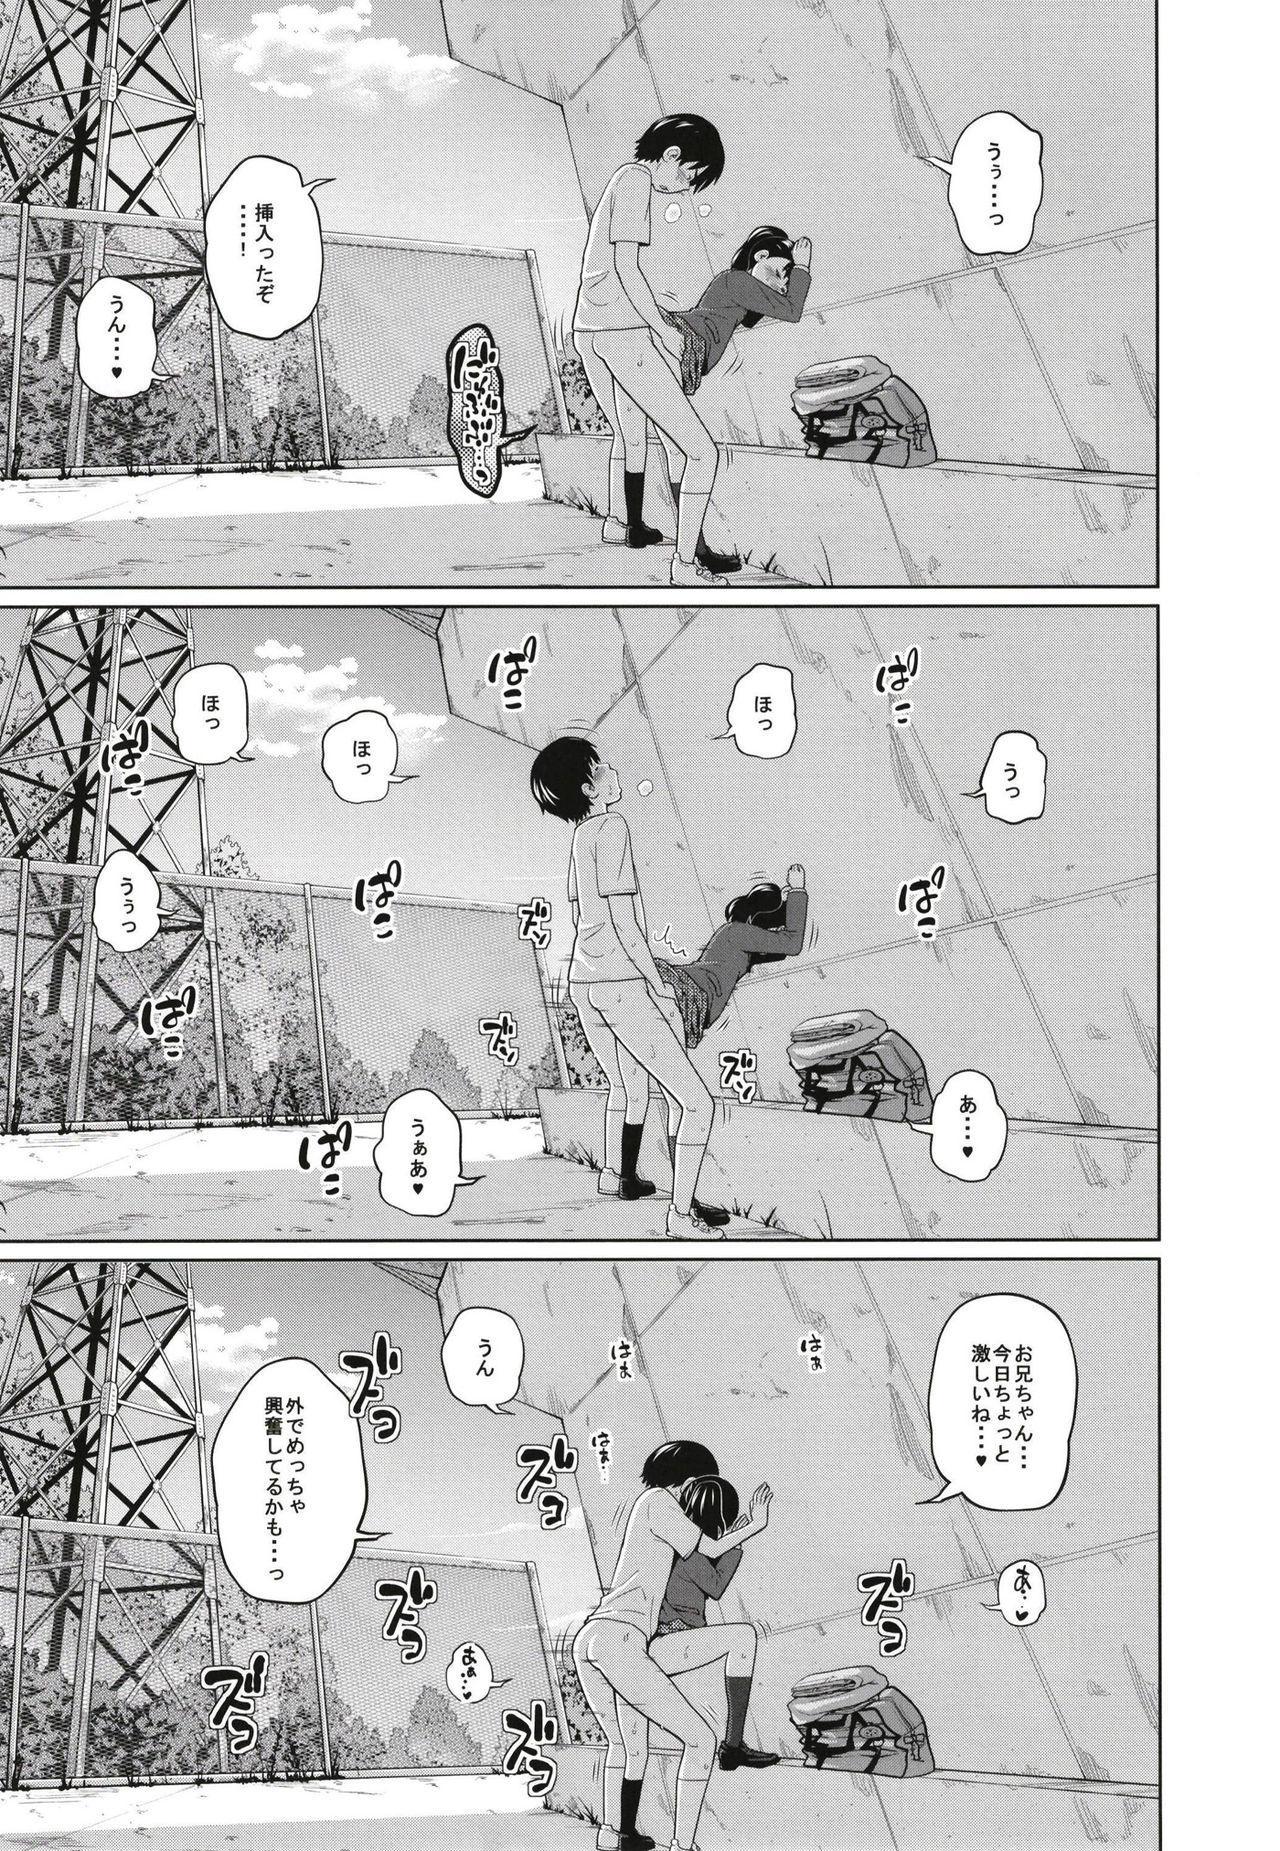 Kono Naka ni Kinshin Soukan Shiteiru Musume ga 3-nin Imasu #3 22